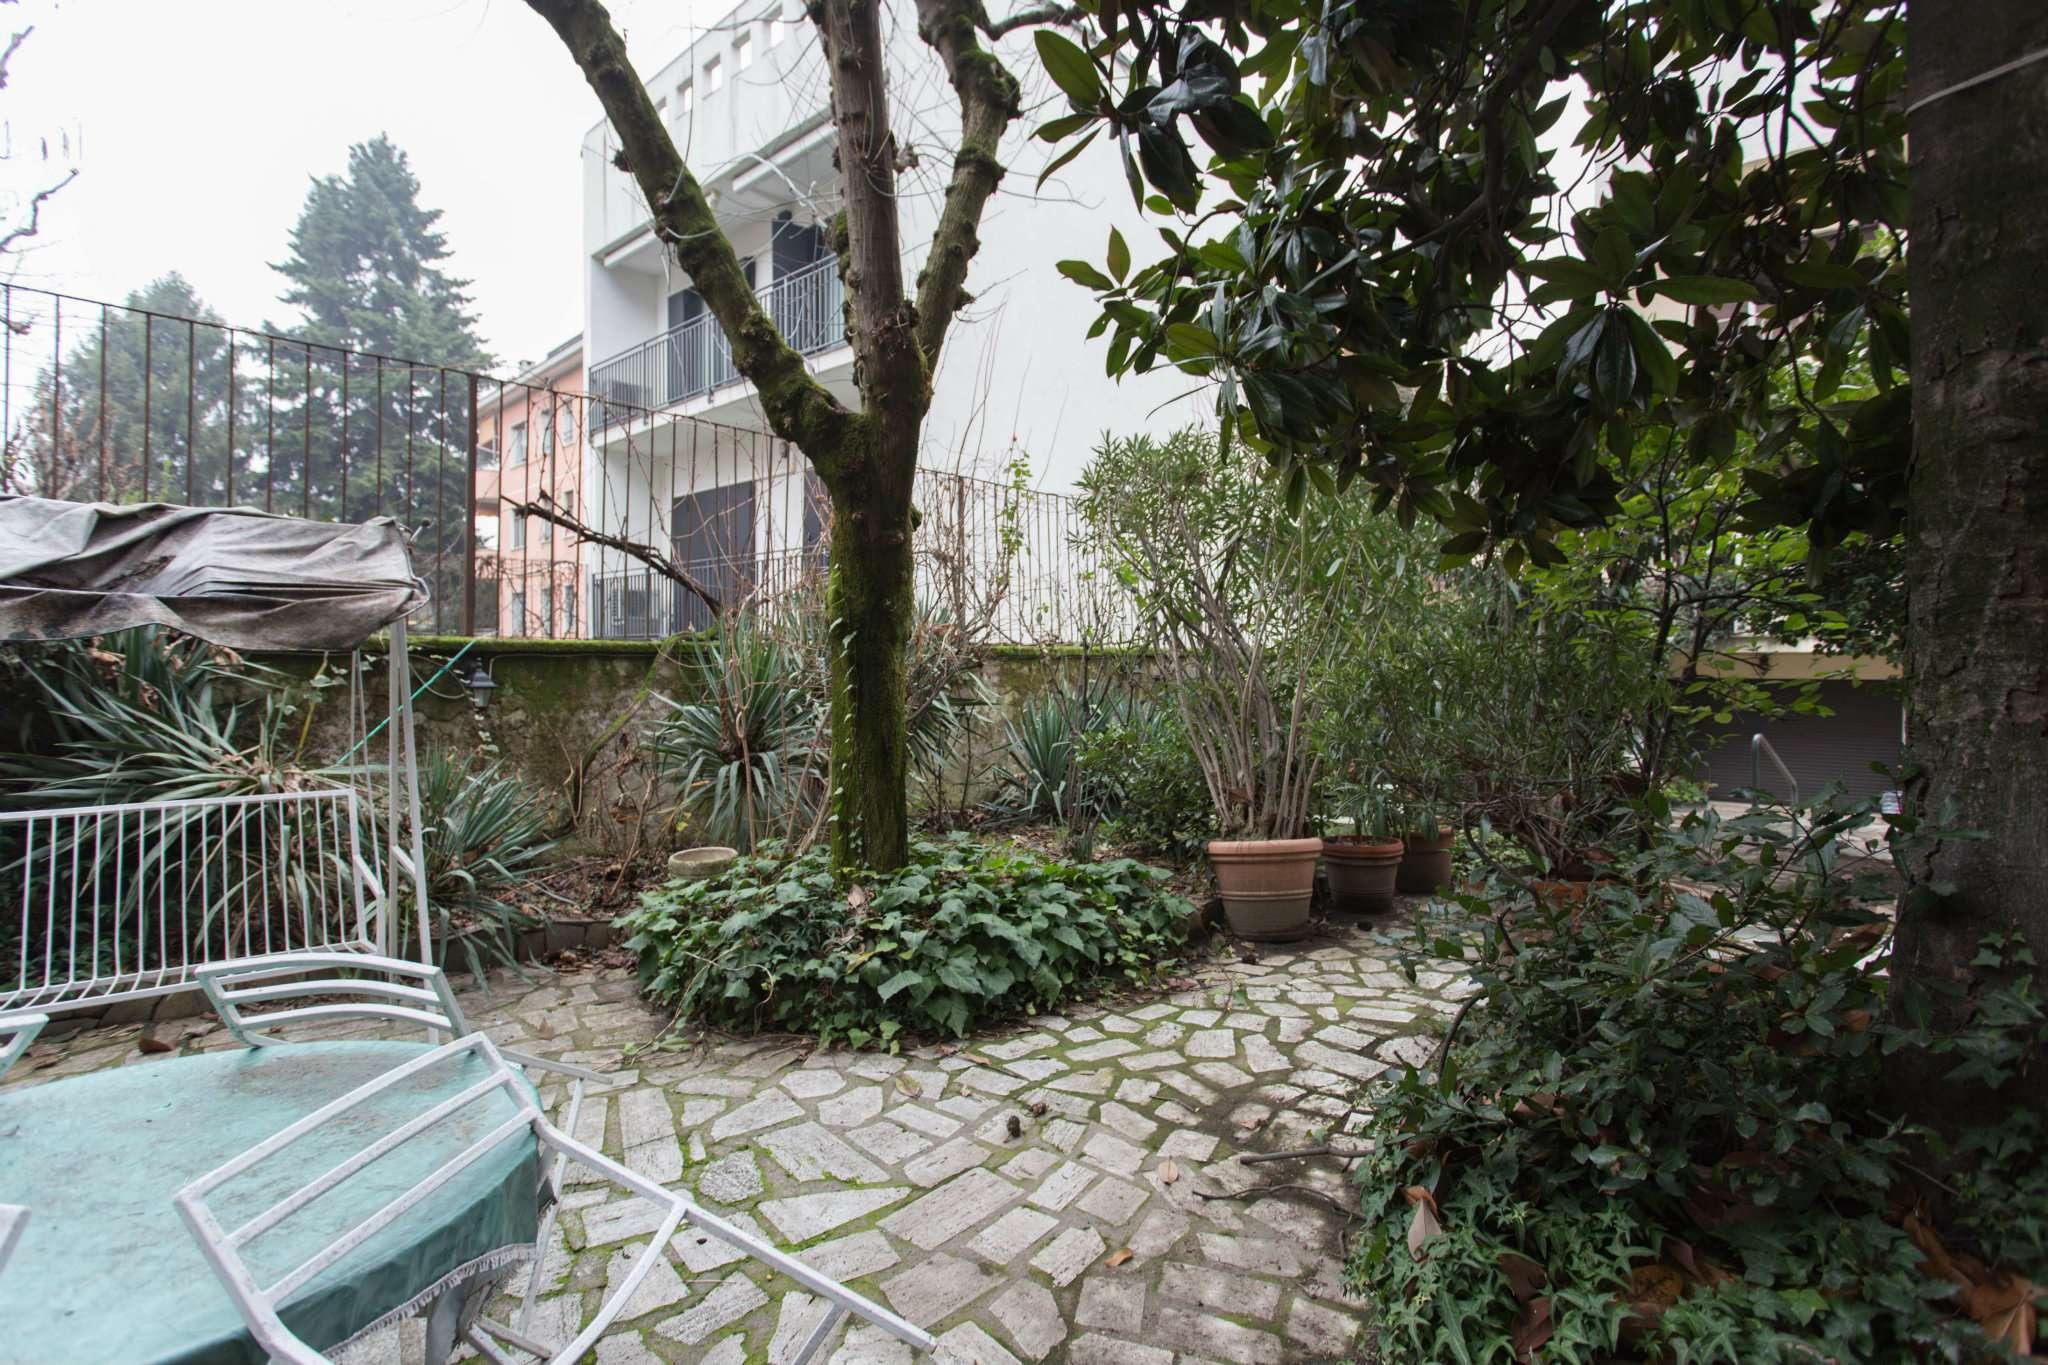 Villa in Vendita a Milano 29 Certosa / Bovisa / Dergano / Maciachini / Istria / Testi: 5 locali, 335 mq